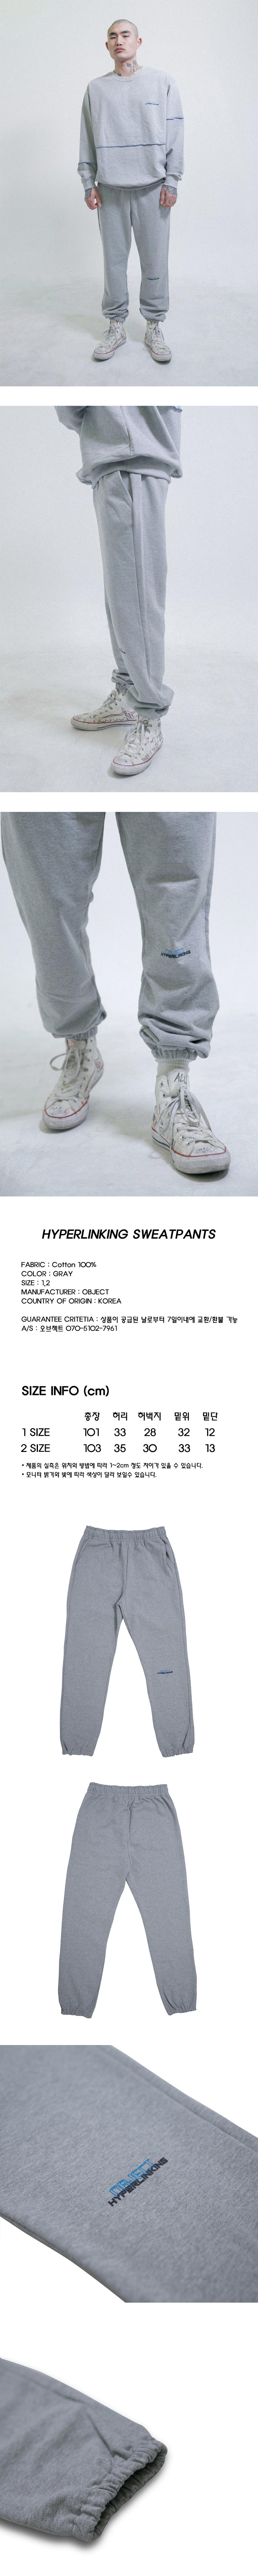 HYPERLINKING SWEATPANTS (GRAY).jpg